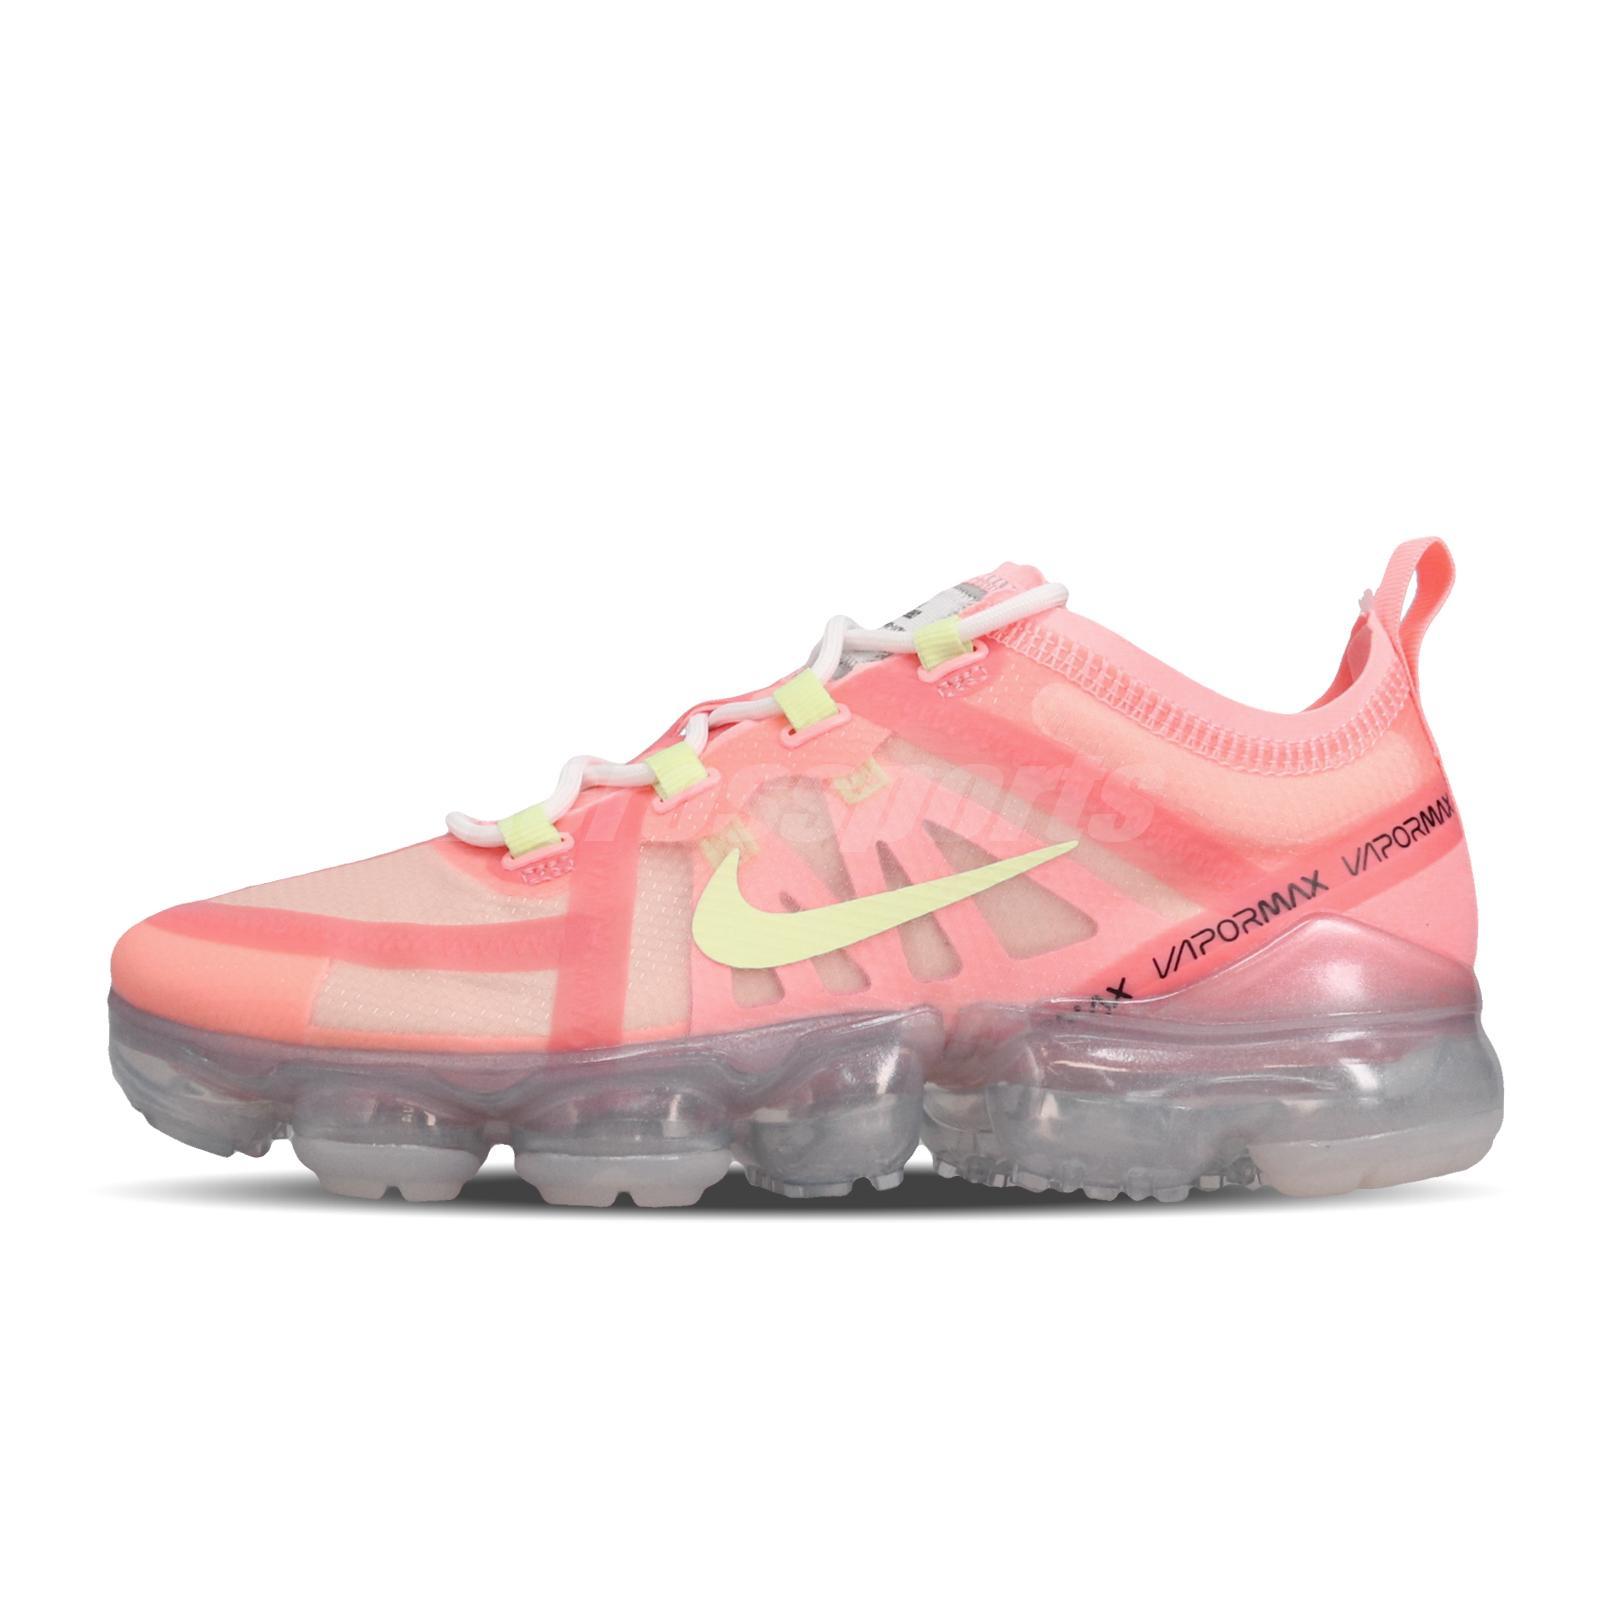 Nike Wmns Air Vapormax 2019 Pink Tint Barely Volt Women Running Shoes AR6632-602